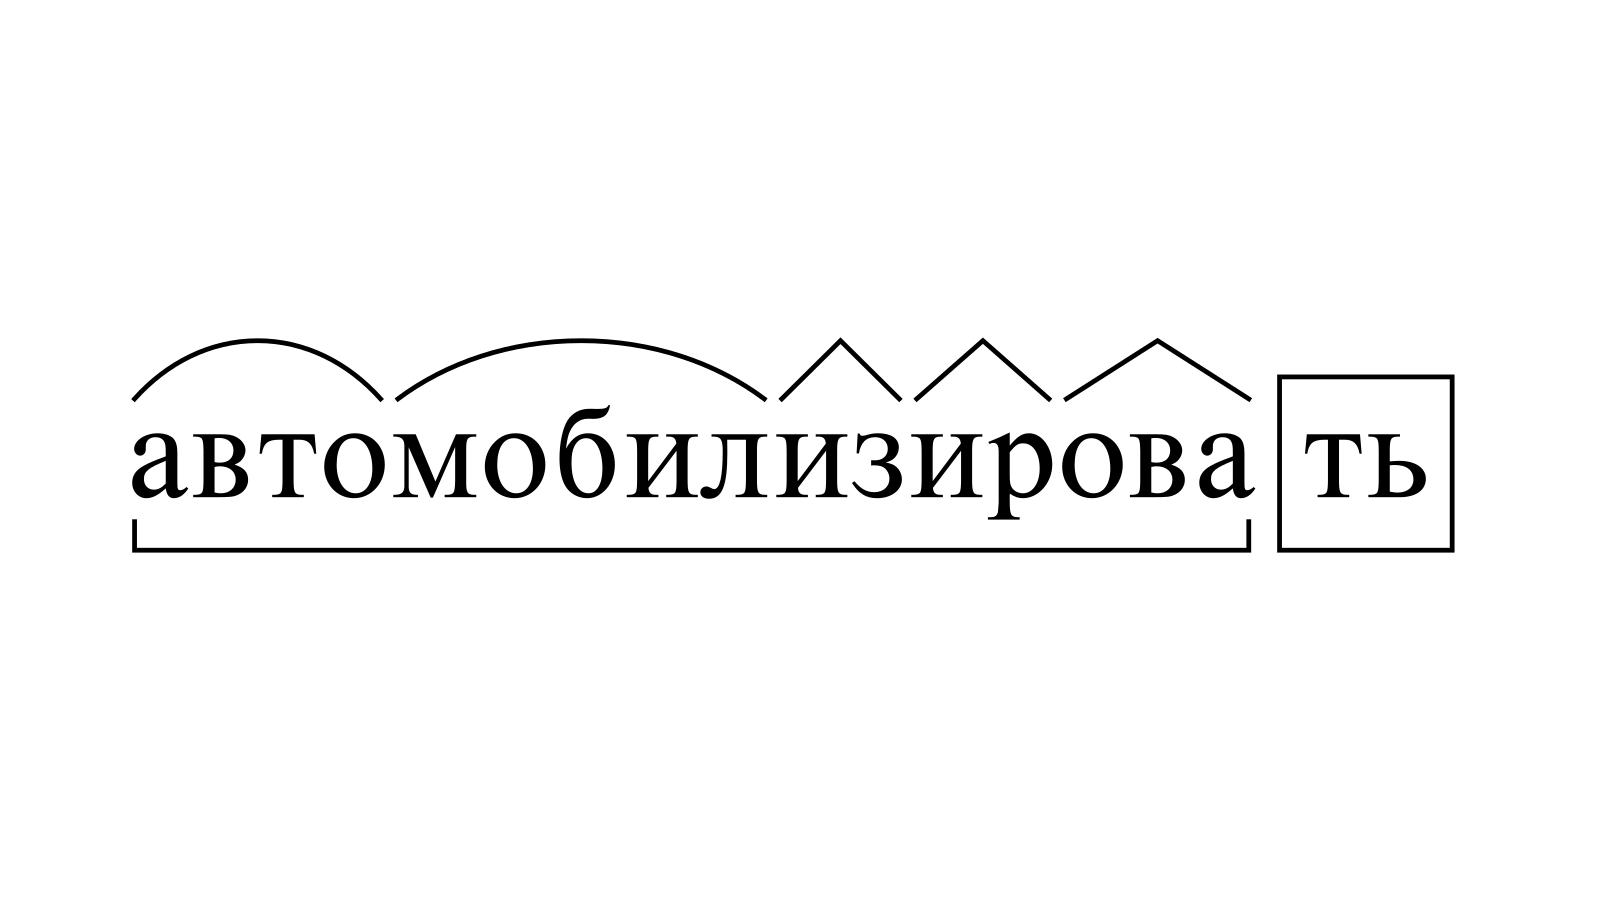 Разбор слова «автомобилизировать» по составу